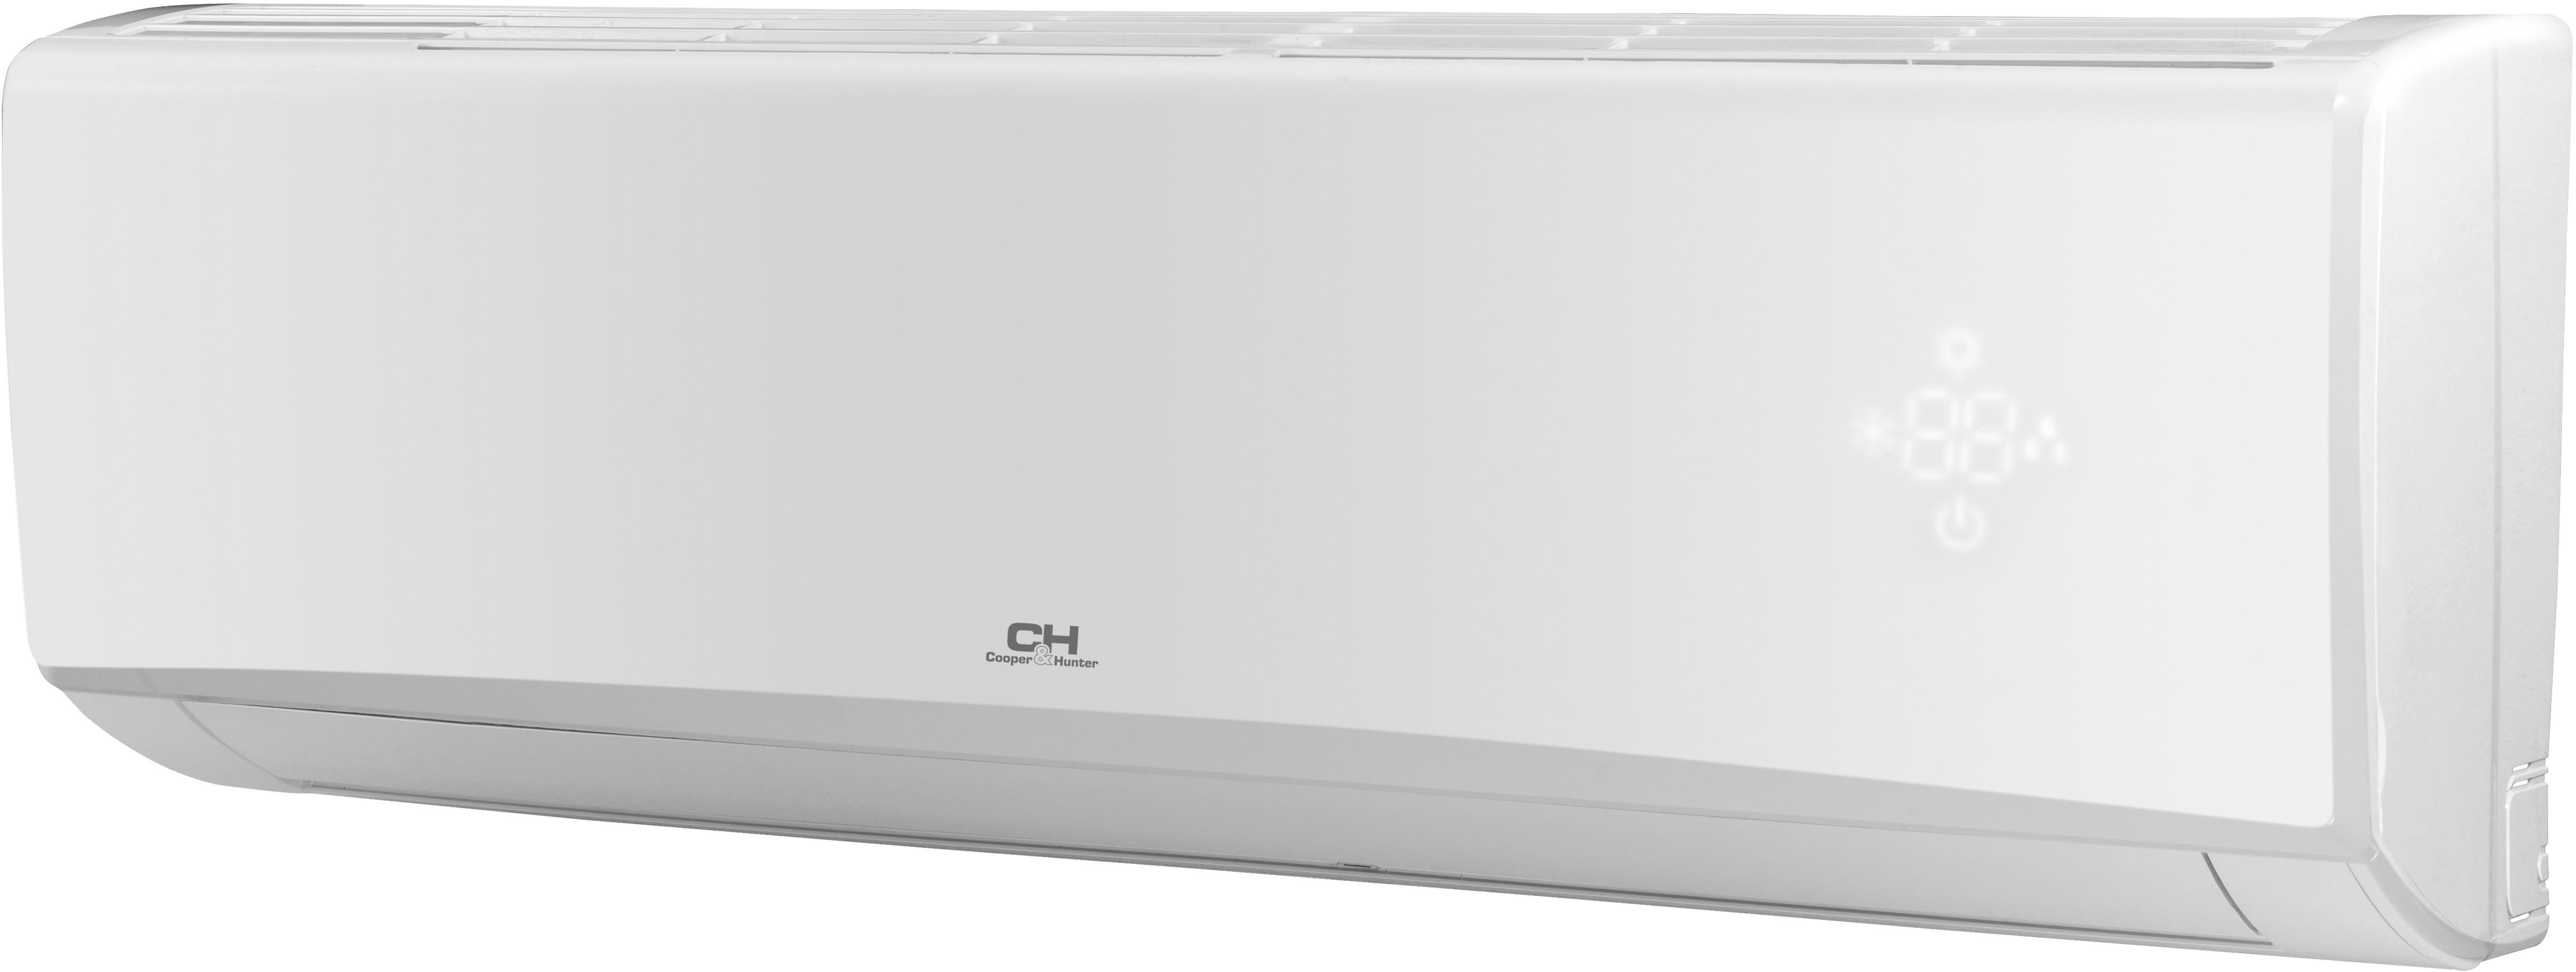 Кондиционер из США Cooper&Hunter CH-S24FTXE Alpha Inverter with WiFi